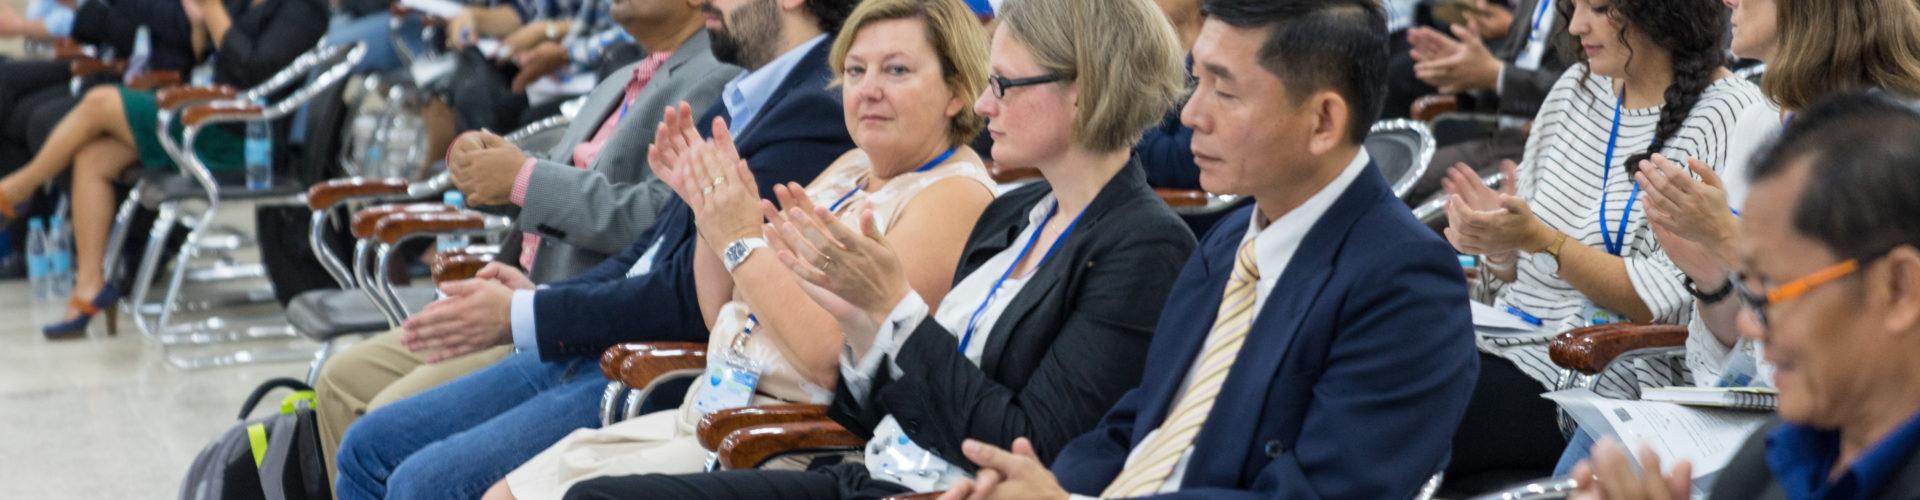 Workshop: Blue Careers – University of Vigo, Spain